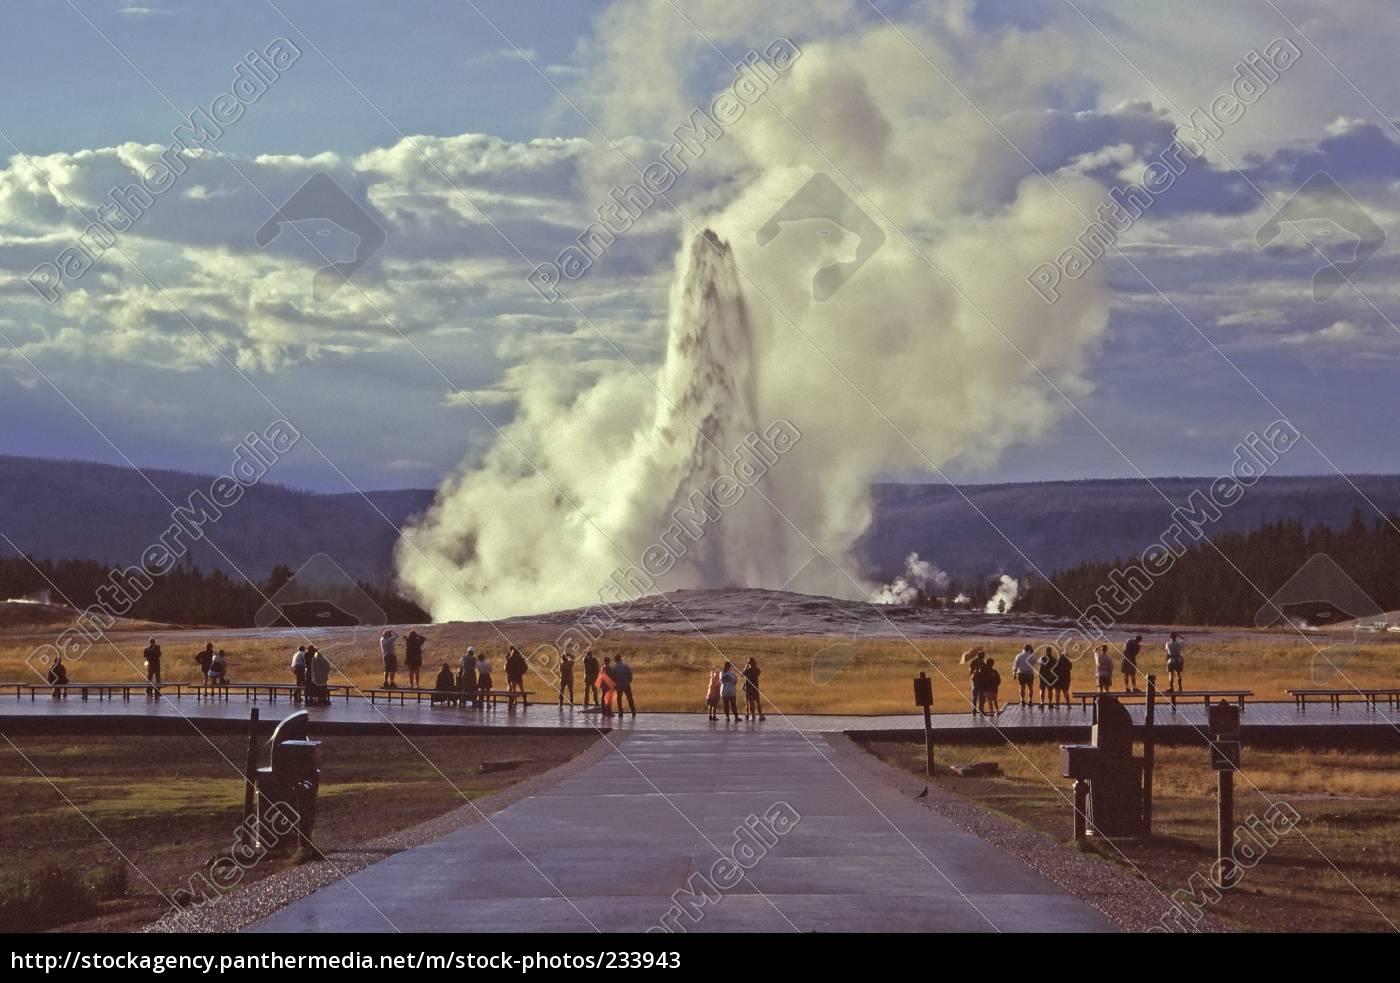 old, faithful, geyser - 233943